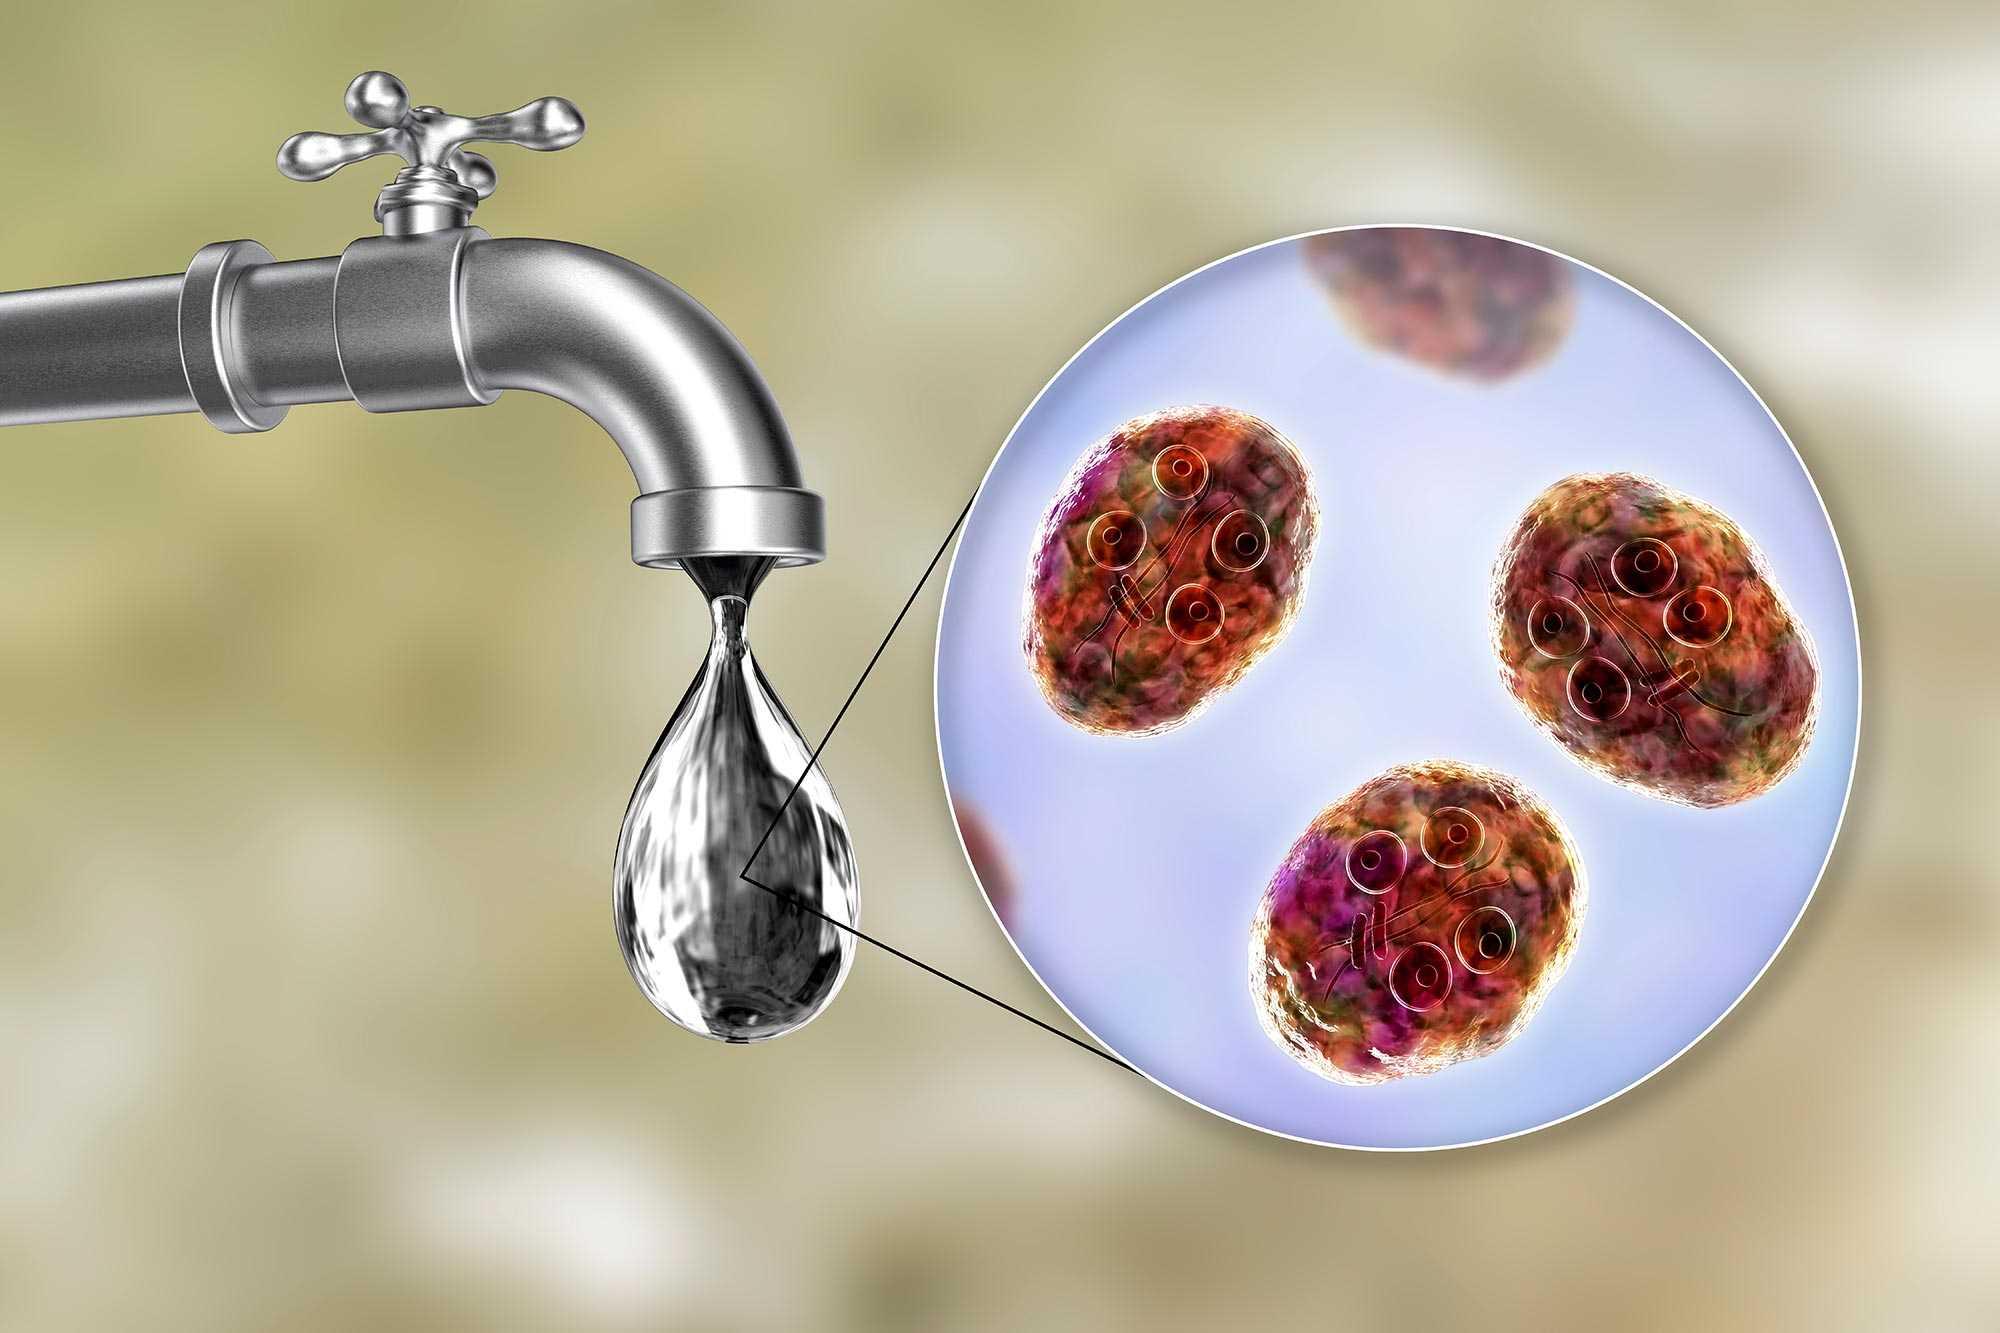 medicamente antiparazitare opinia oamenilor simptome în tratamentul viermilor